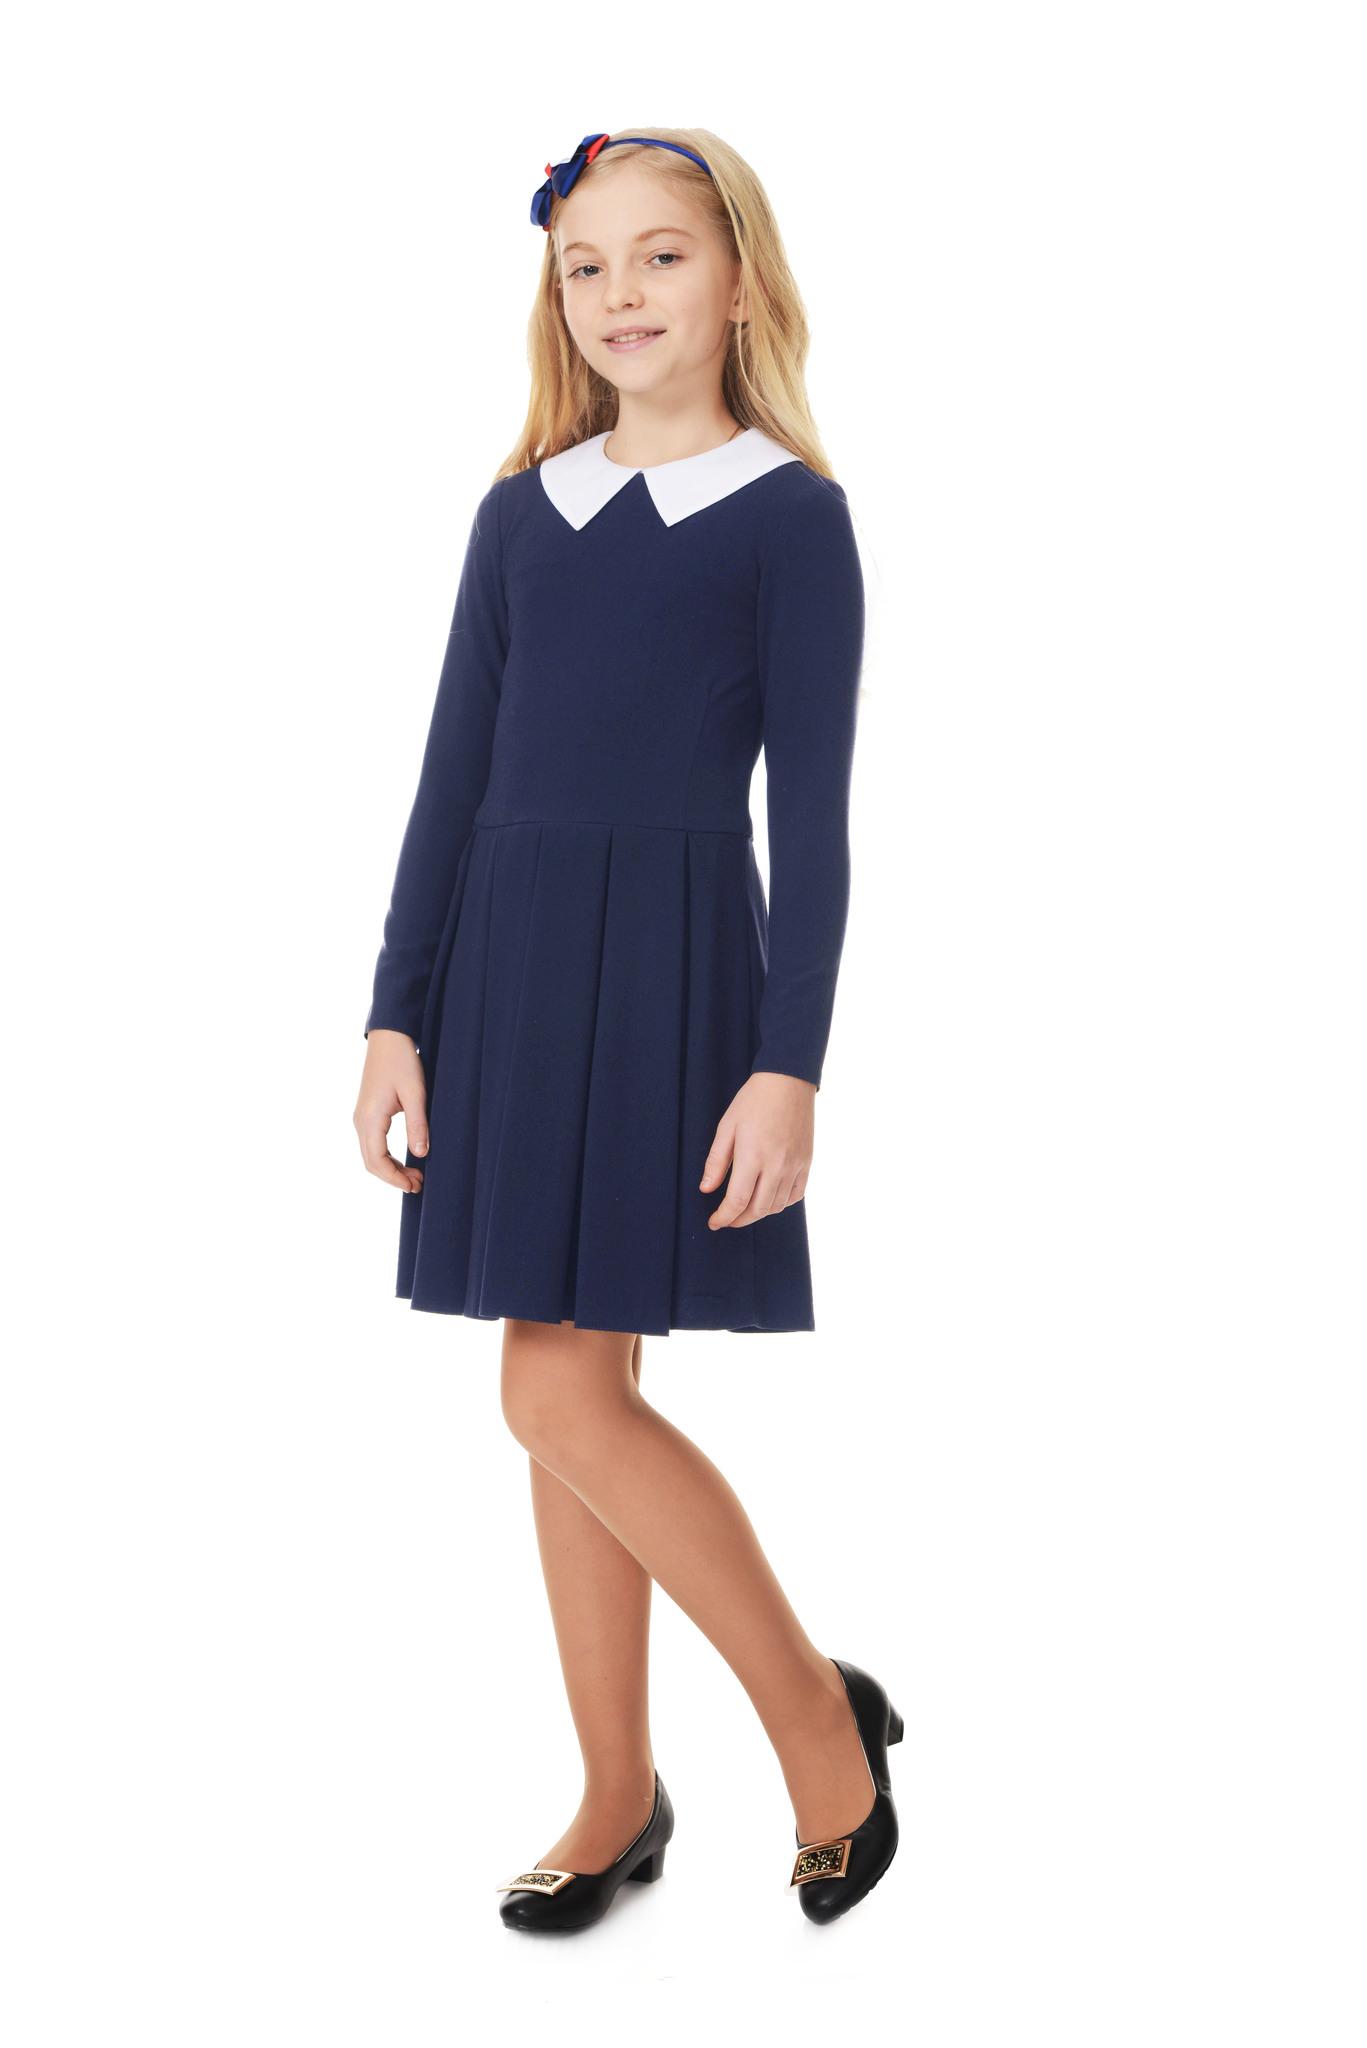 Купить Школьное платье для девочек SkyLake ШФ-1053 Ностальжи цв. синий, р. 36/146, Платья для девочек